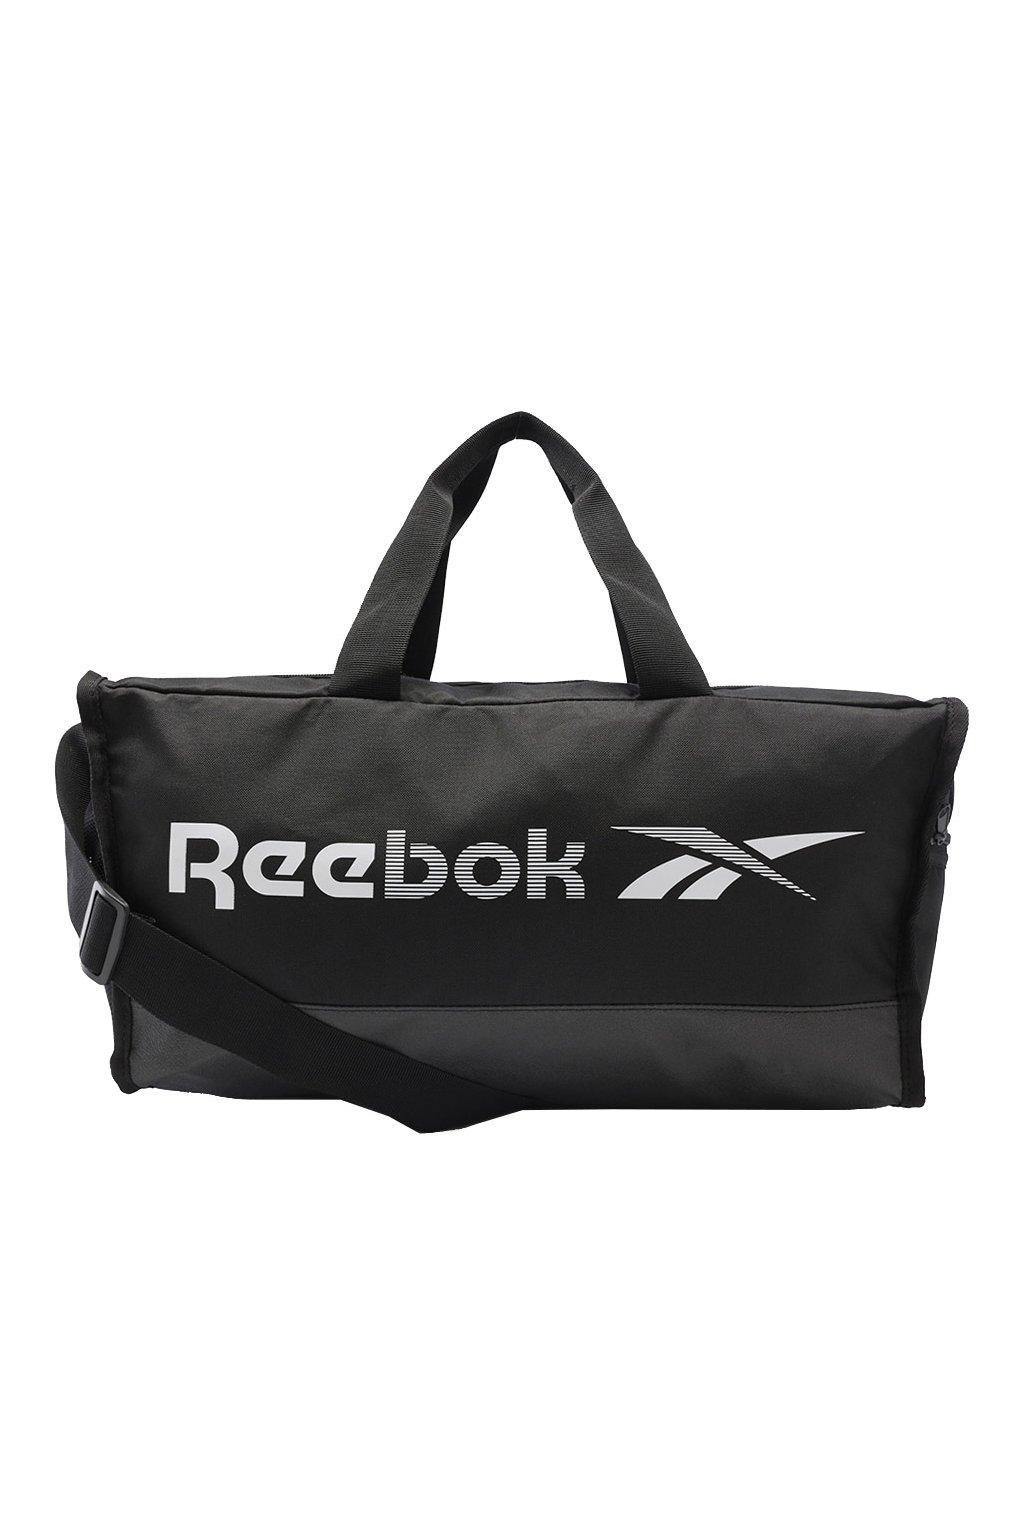 Taška Reebok Training Essentials Small Grip čierna FL5180